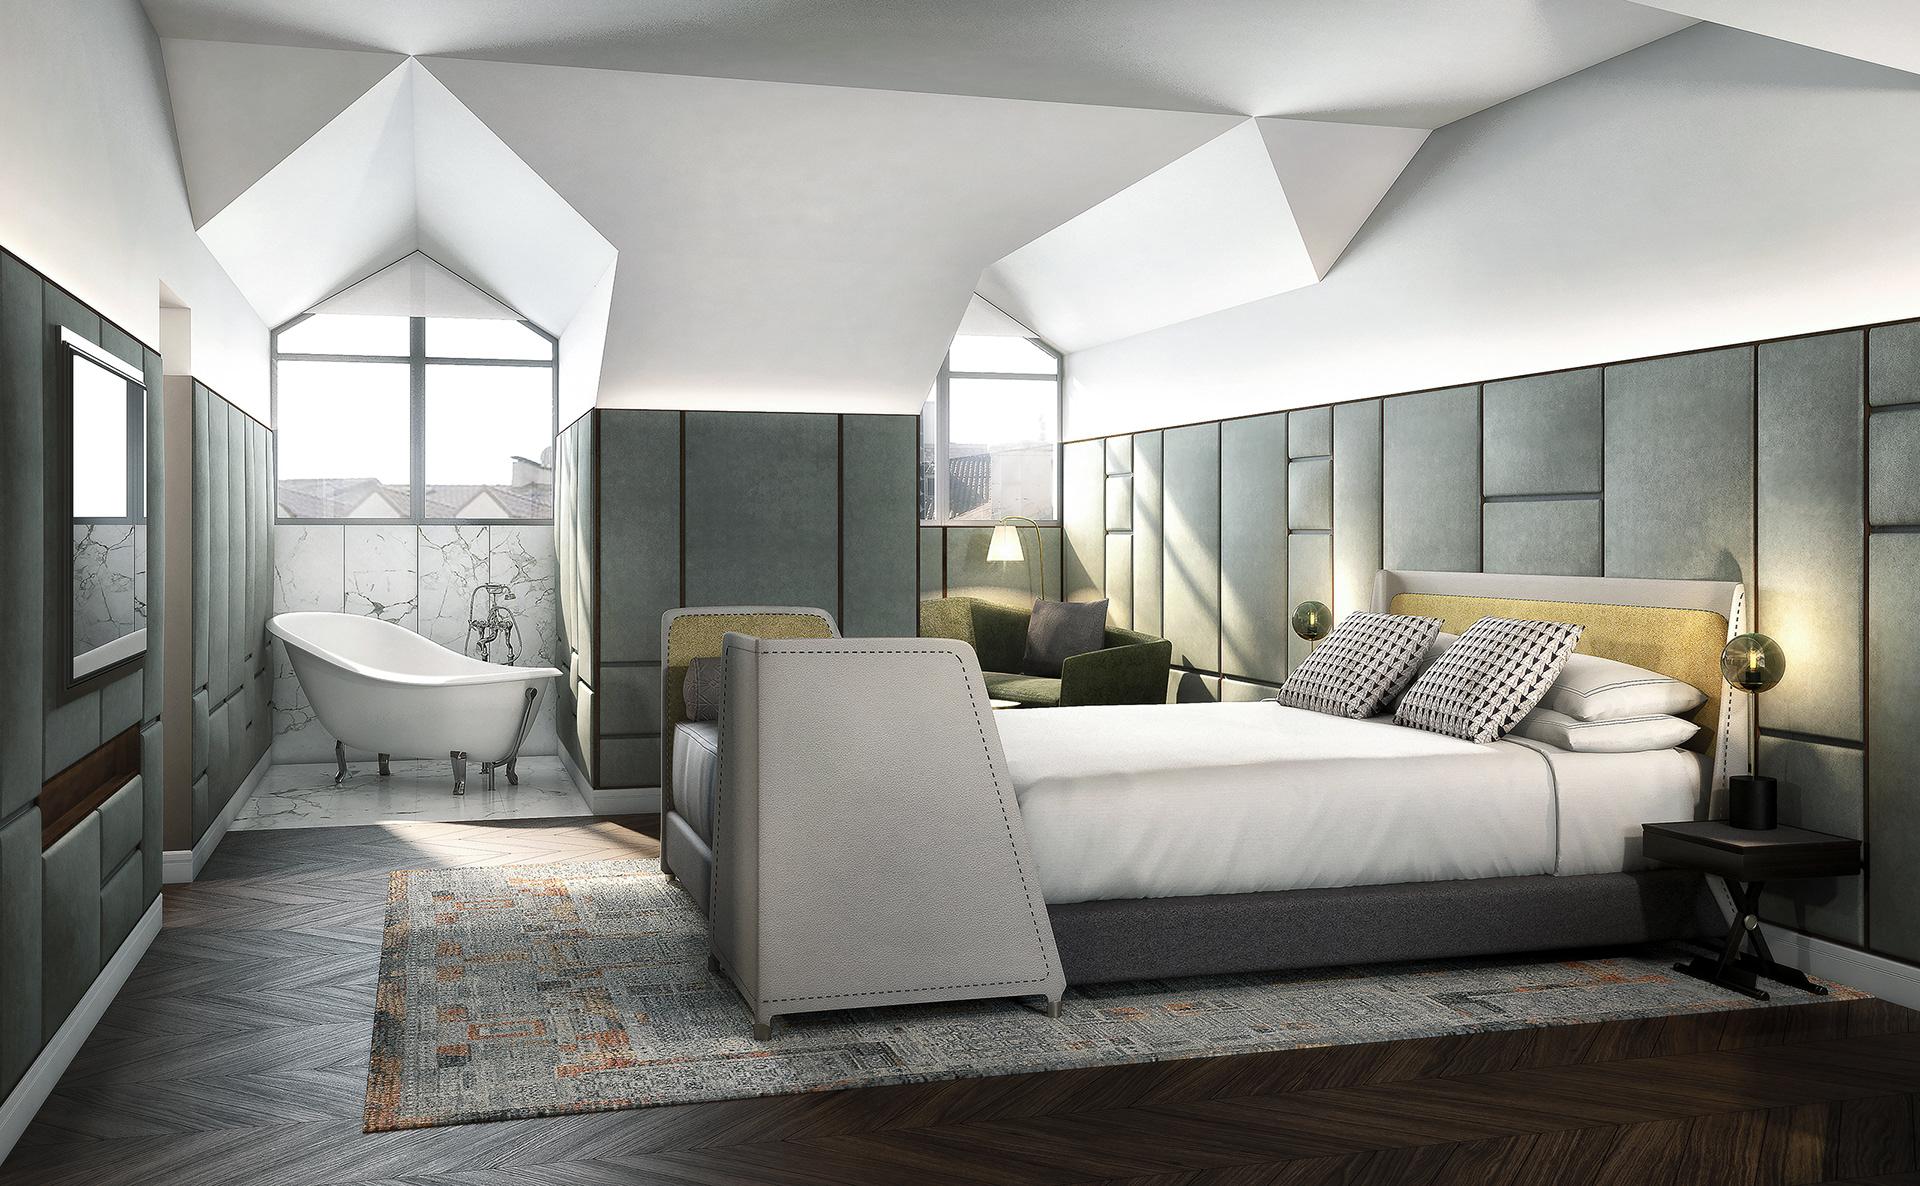 visualización arquitectónica de hotel inglés